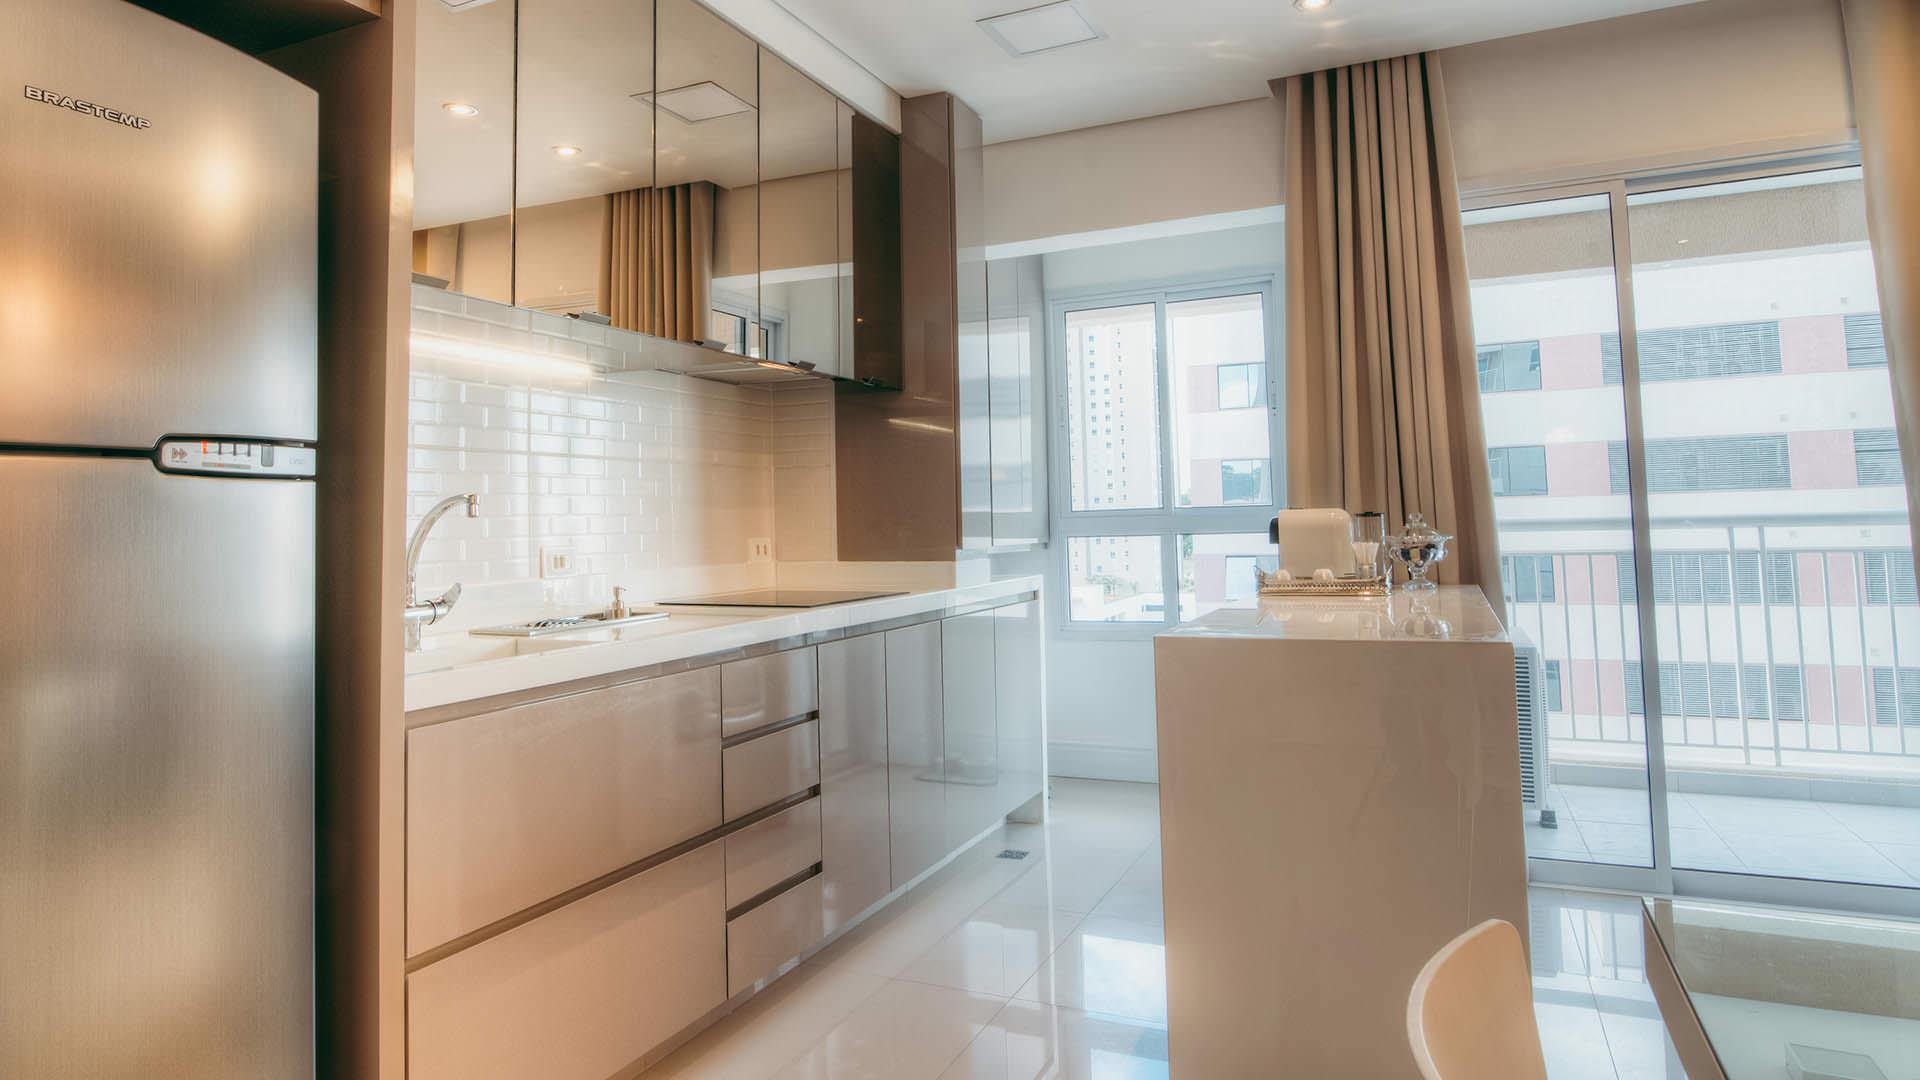 Cozinha E Balc O M Veis Planejados Pequeno Apartamento Espa O